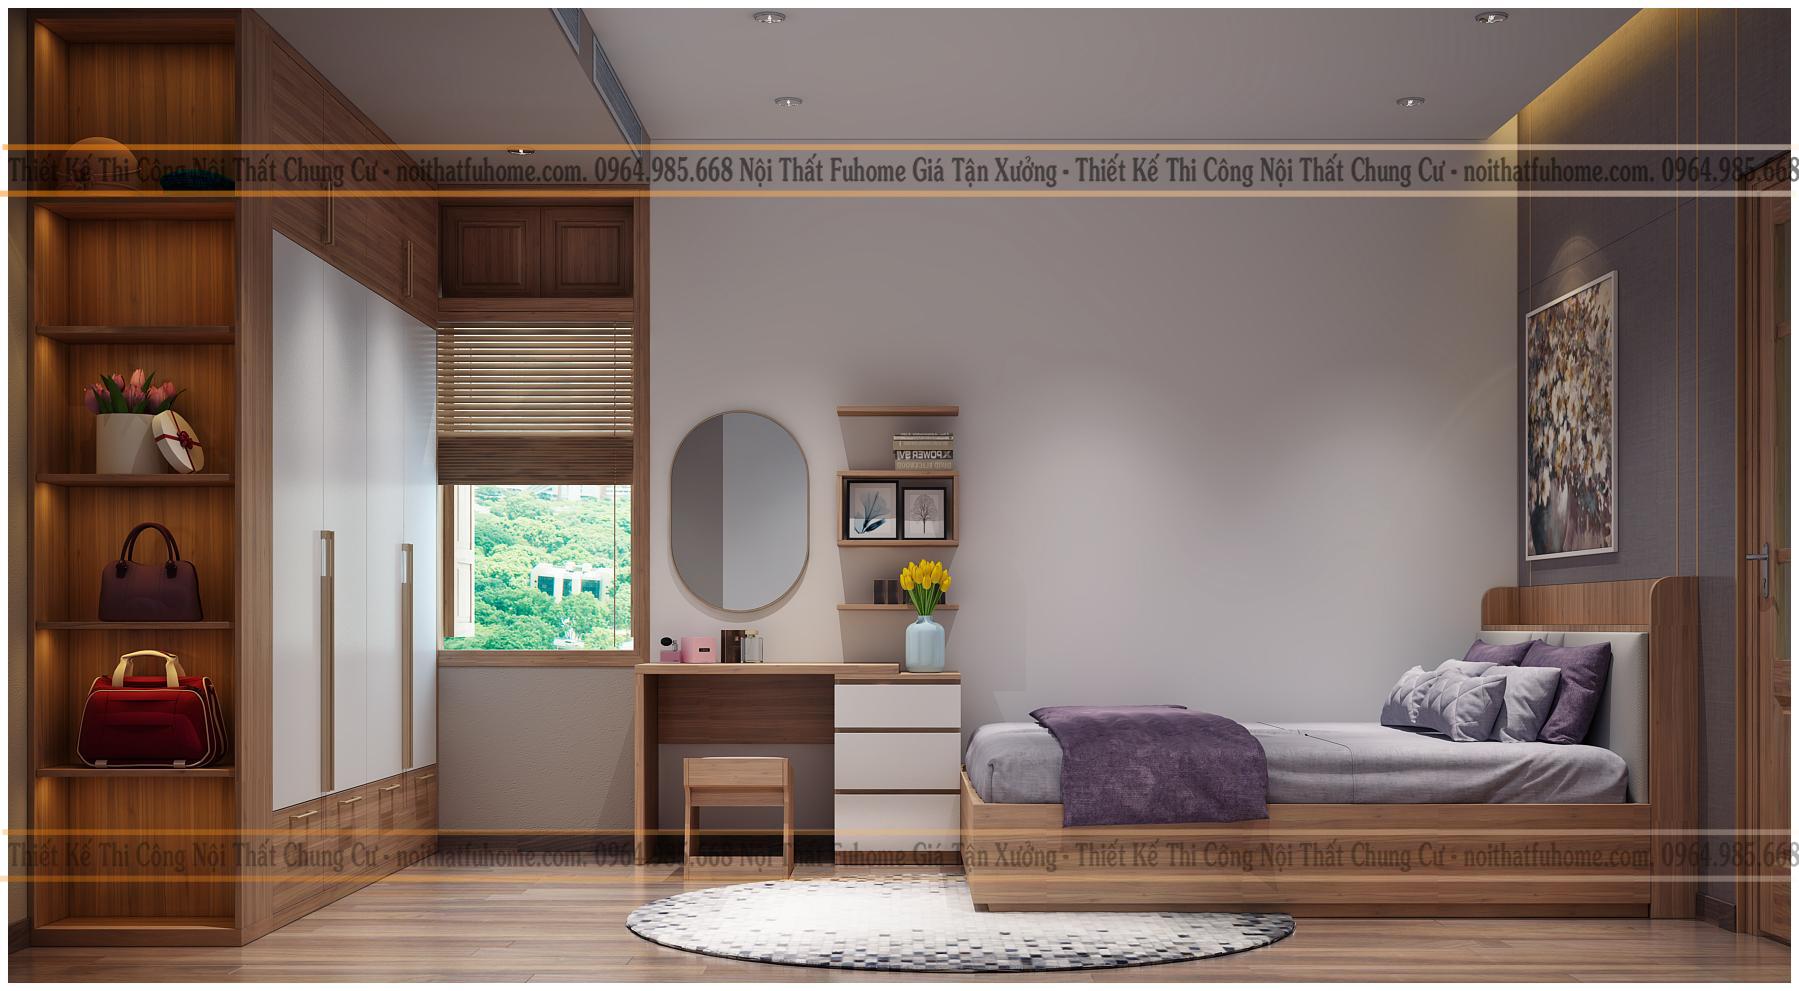 Thiết kế nội thất chung cư 60m2 – Những mẫu nhà đẹp không nên bỏ qua